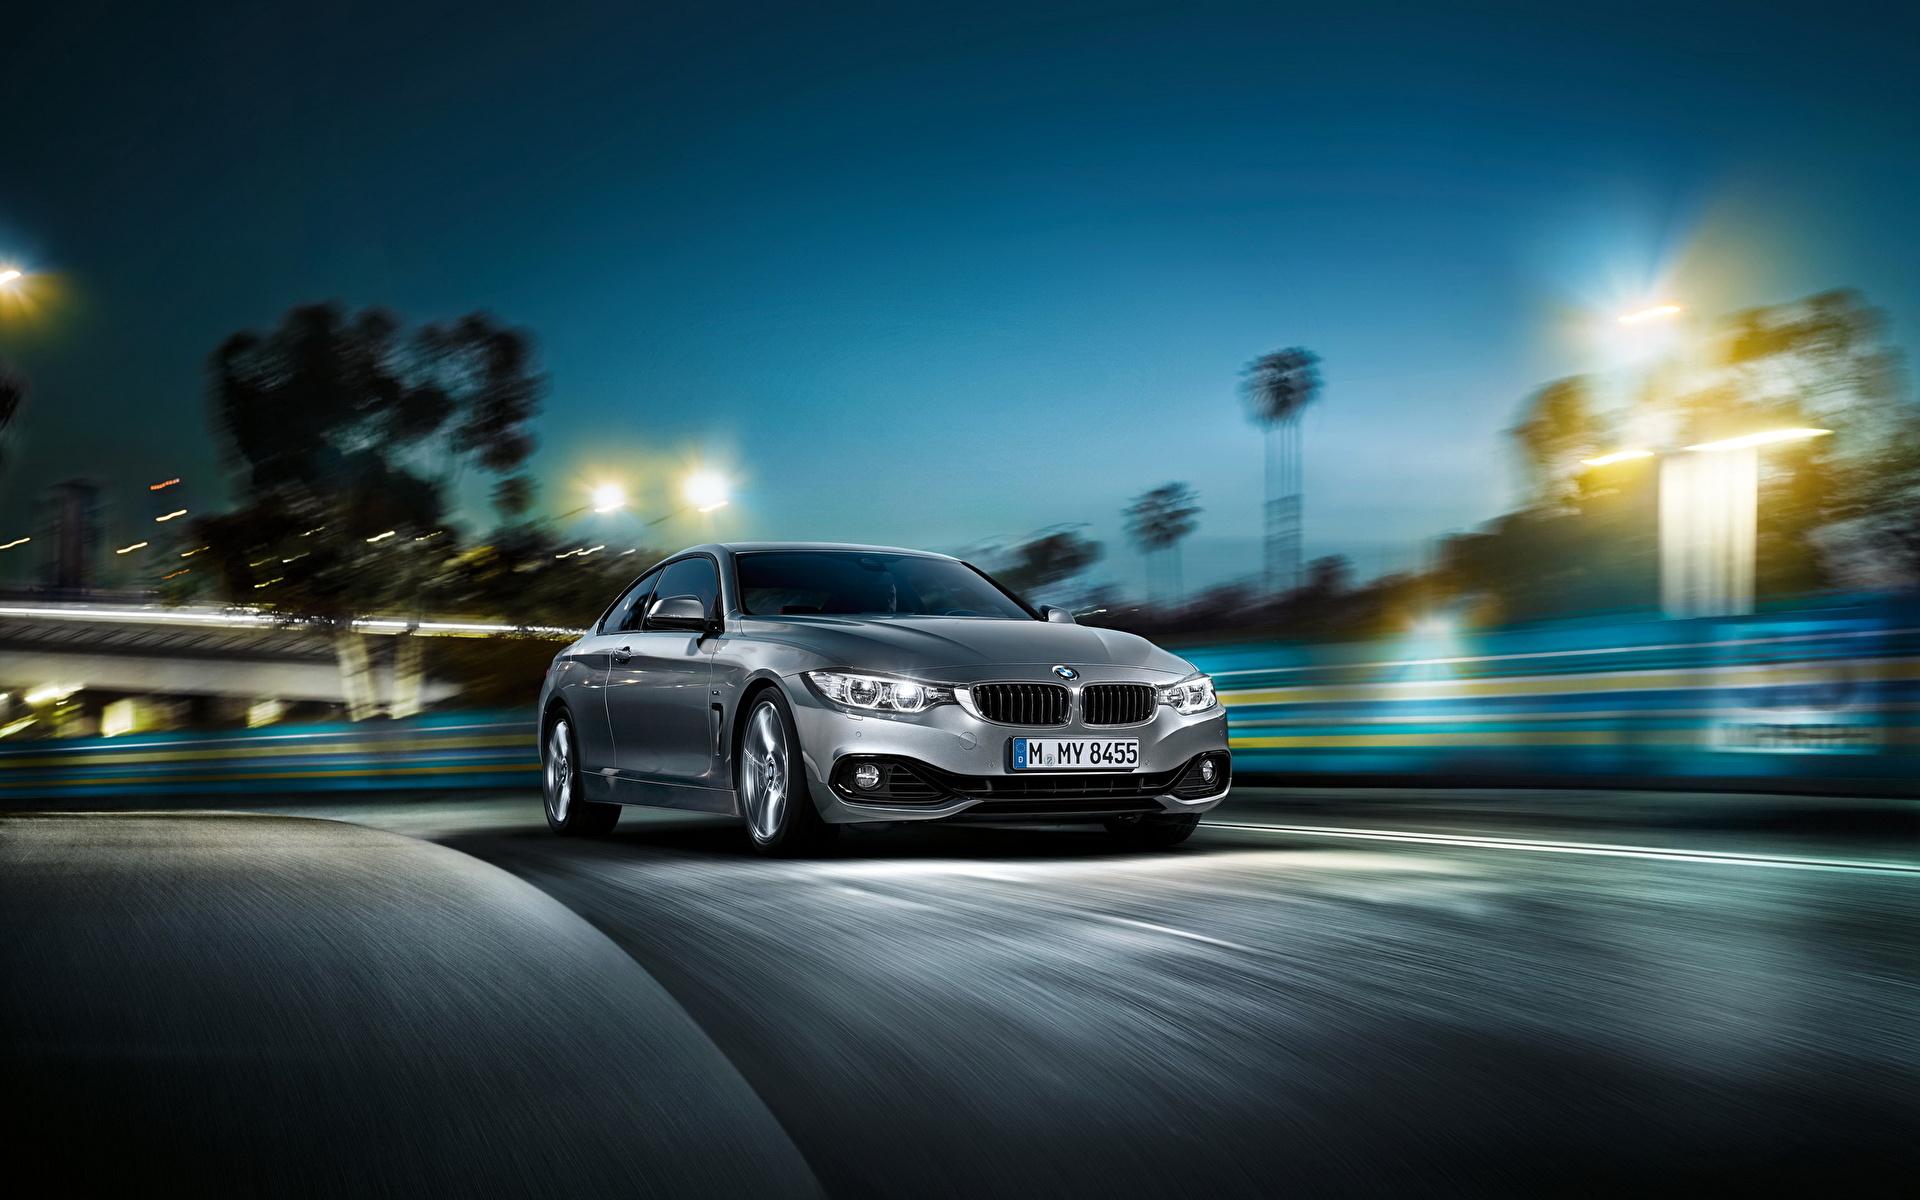 Фотография BMW 2014 bmw 4 series coupe ночью Автомобили 1920x1200 БМВ Ночь авто в ночи Ночные машины машина автомобиль